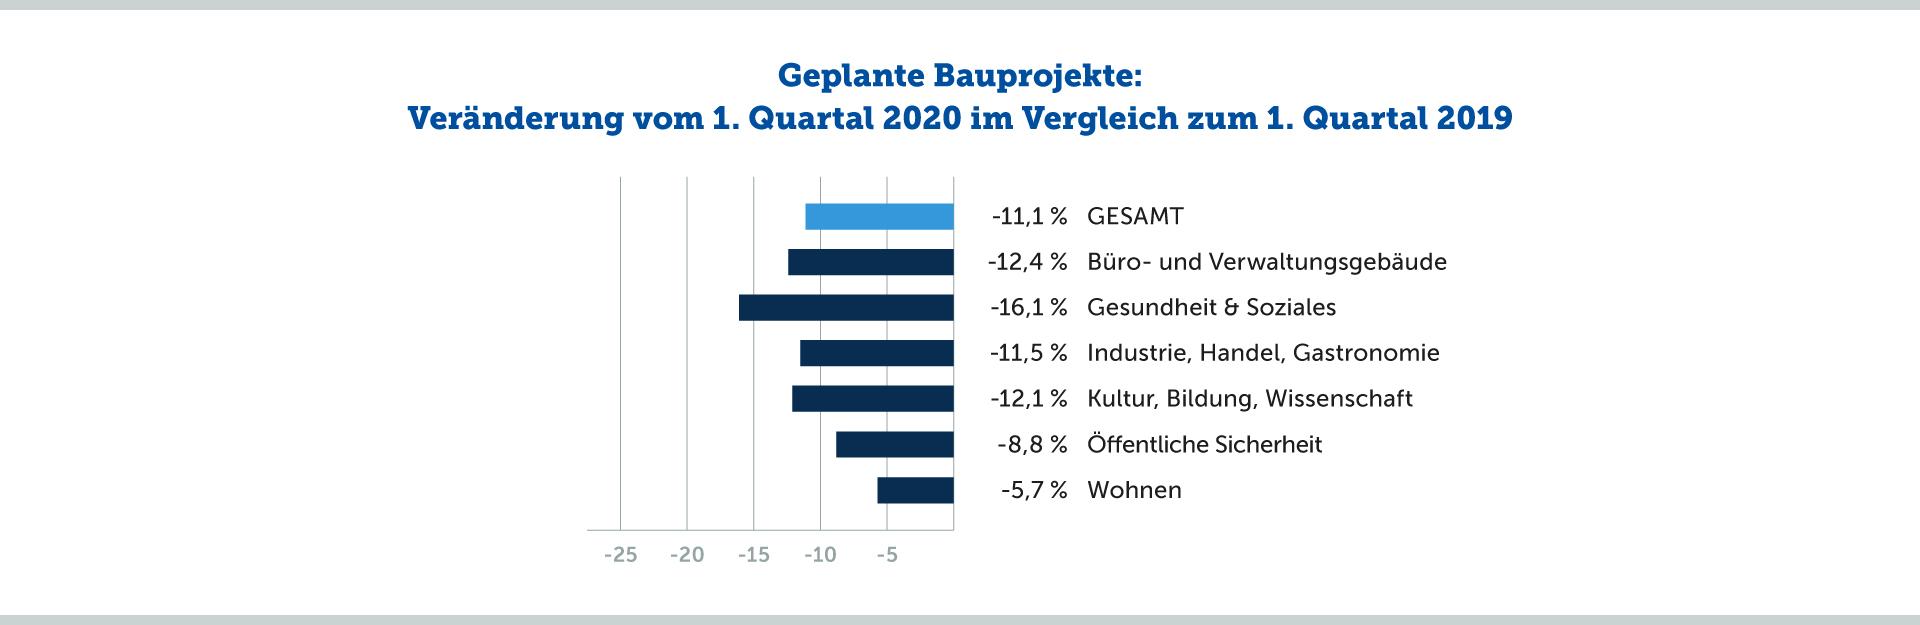 Geplante Bauprojekte: Veränderung vom 1. Quartal 2020 im Vergleich zum 1. Quartal 2019